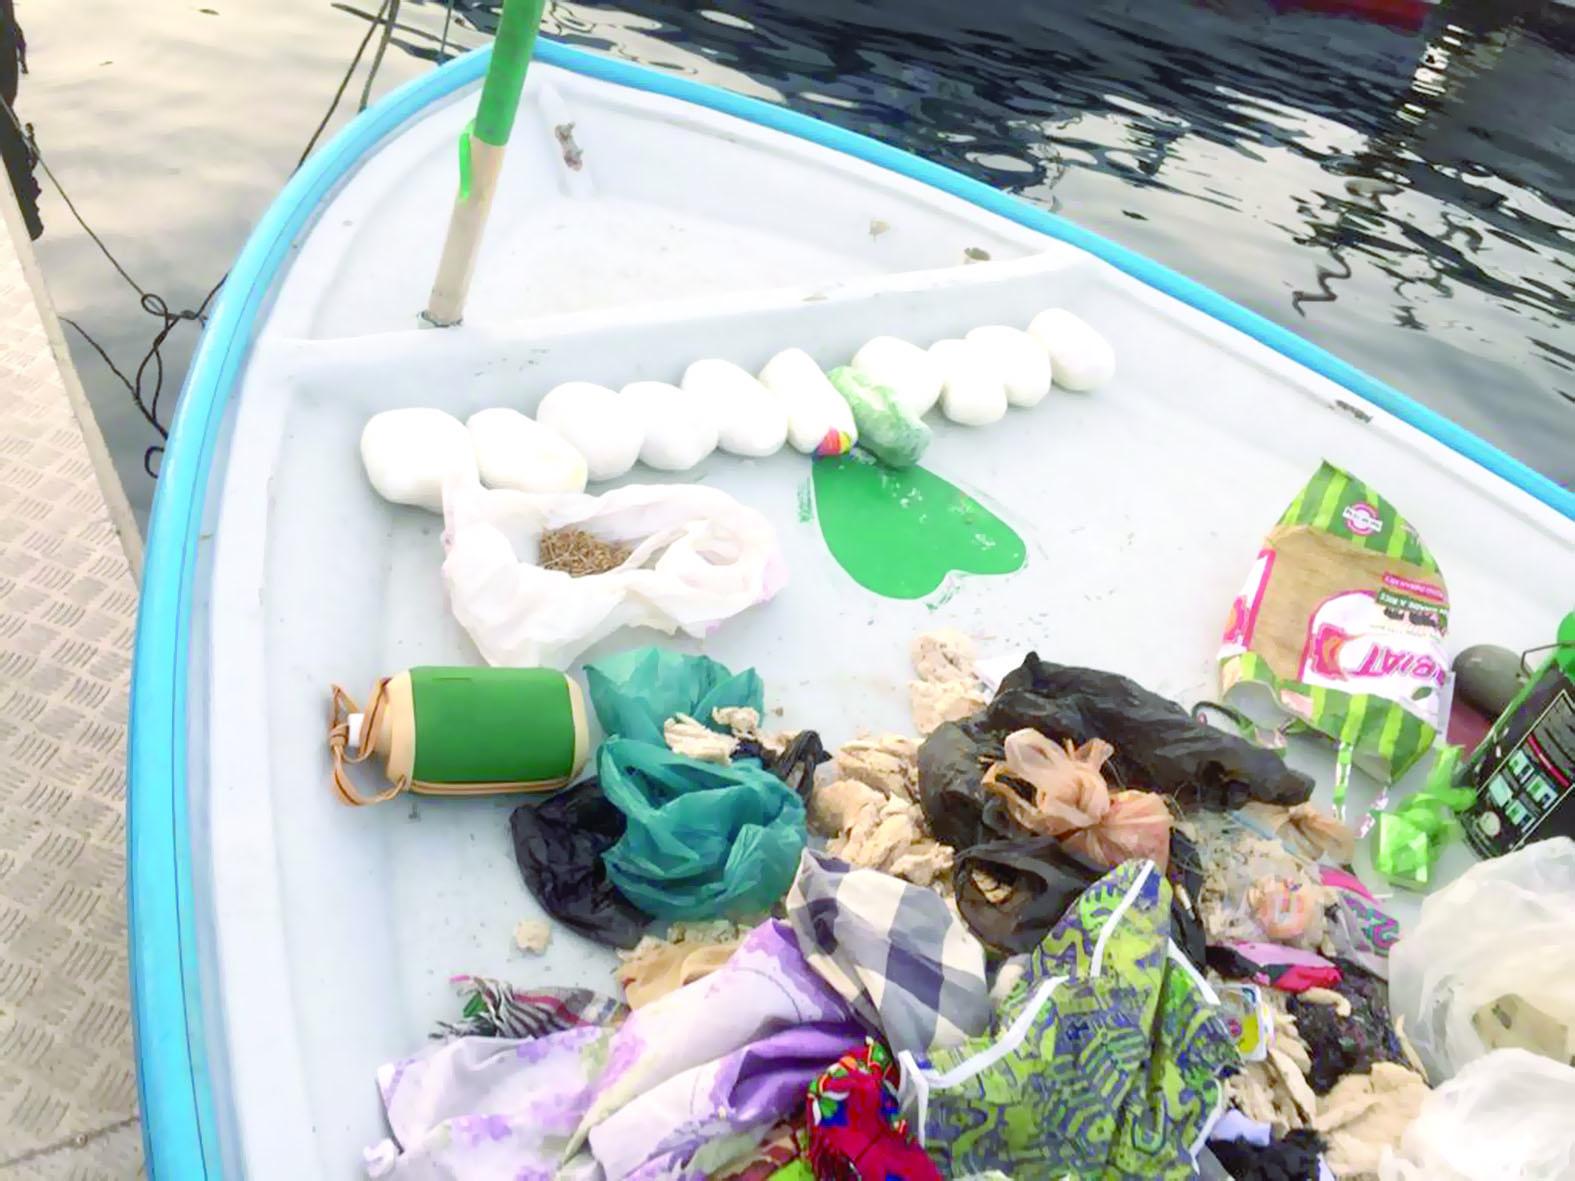 مهربي مخدرات مسندم في قبضة شرطة خفر السواحل